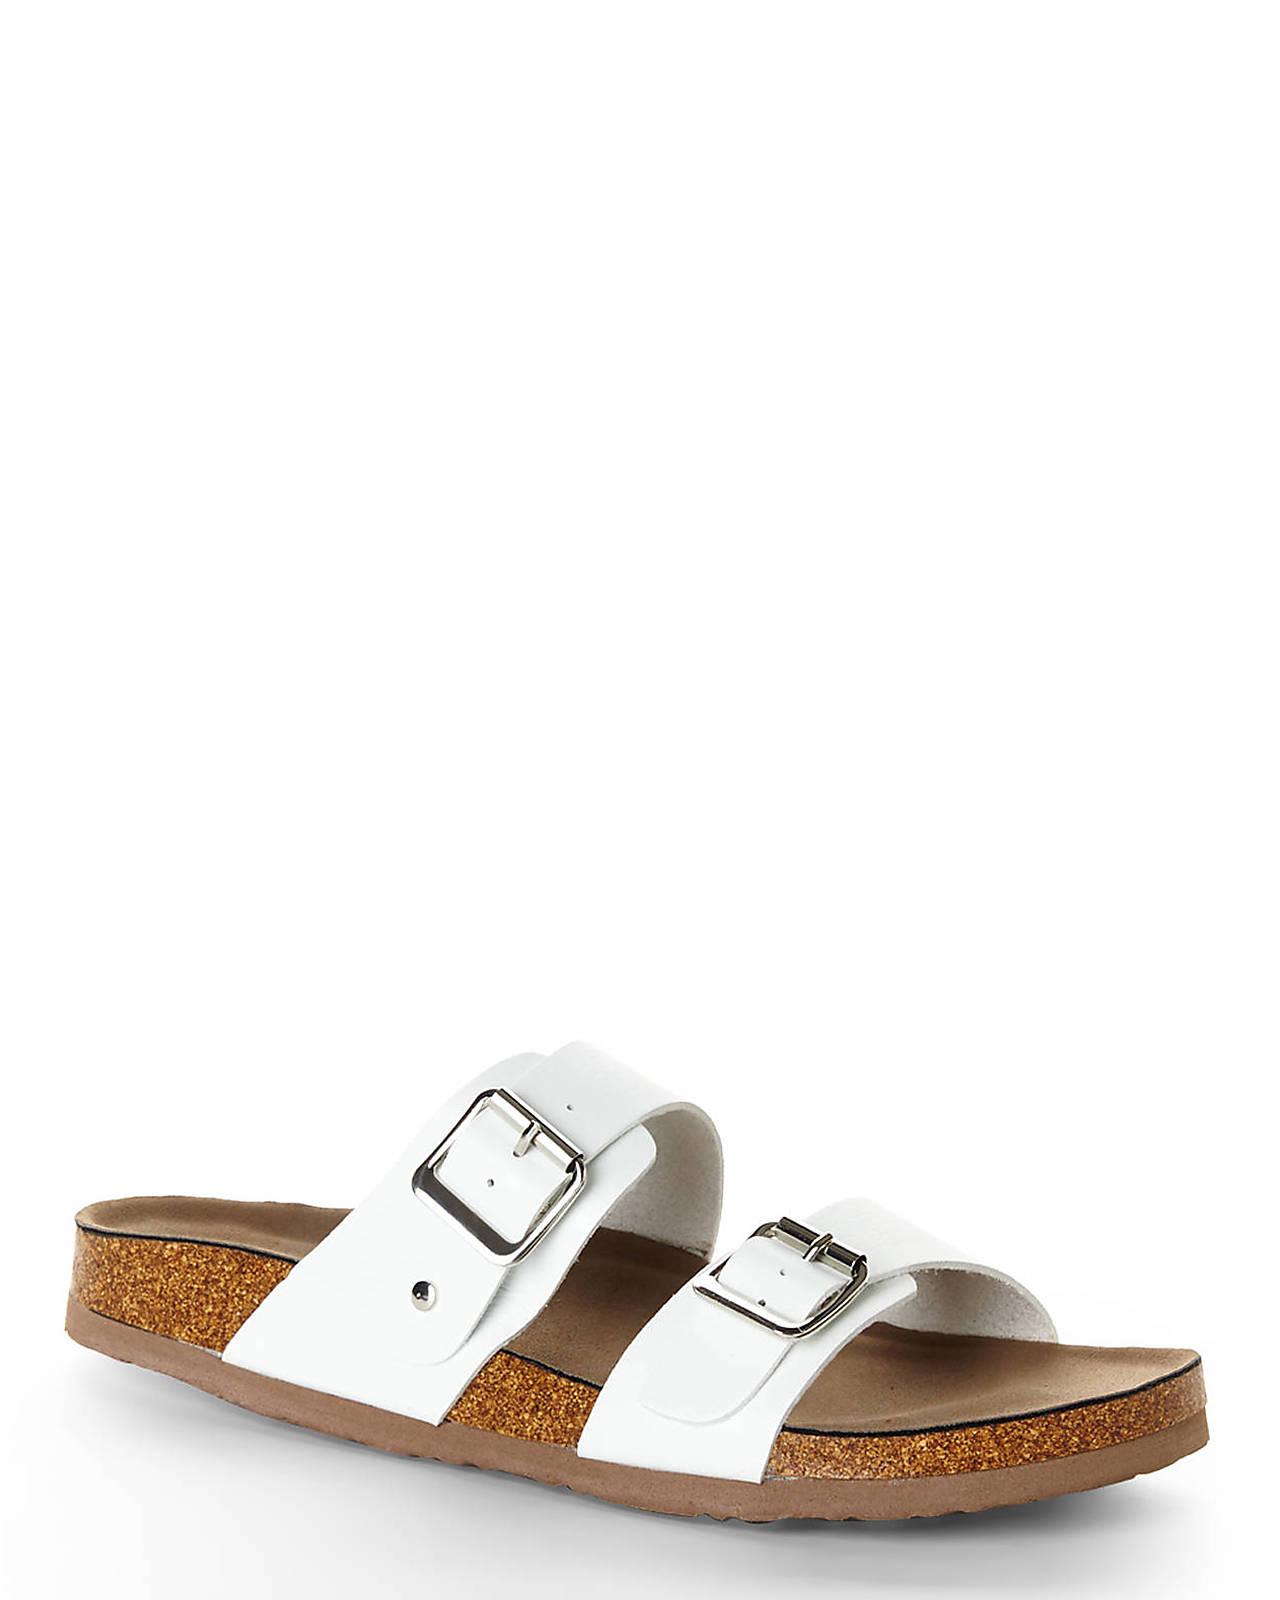 Madden Girl Brando Footbed Sandal White I17p6163